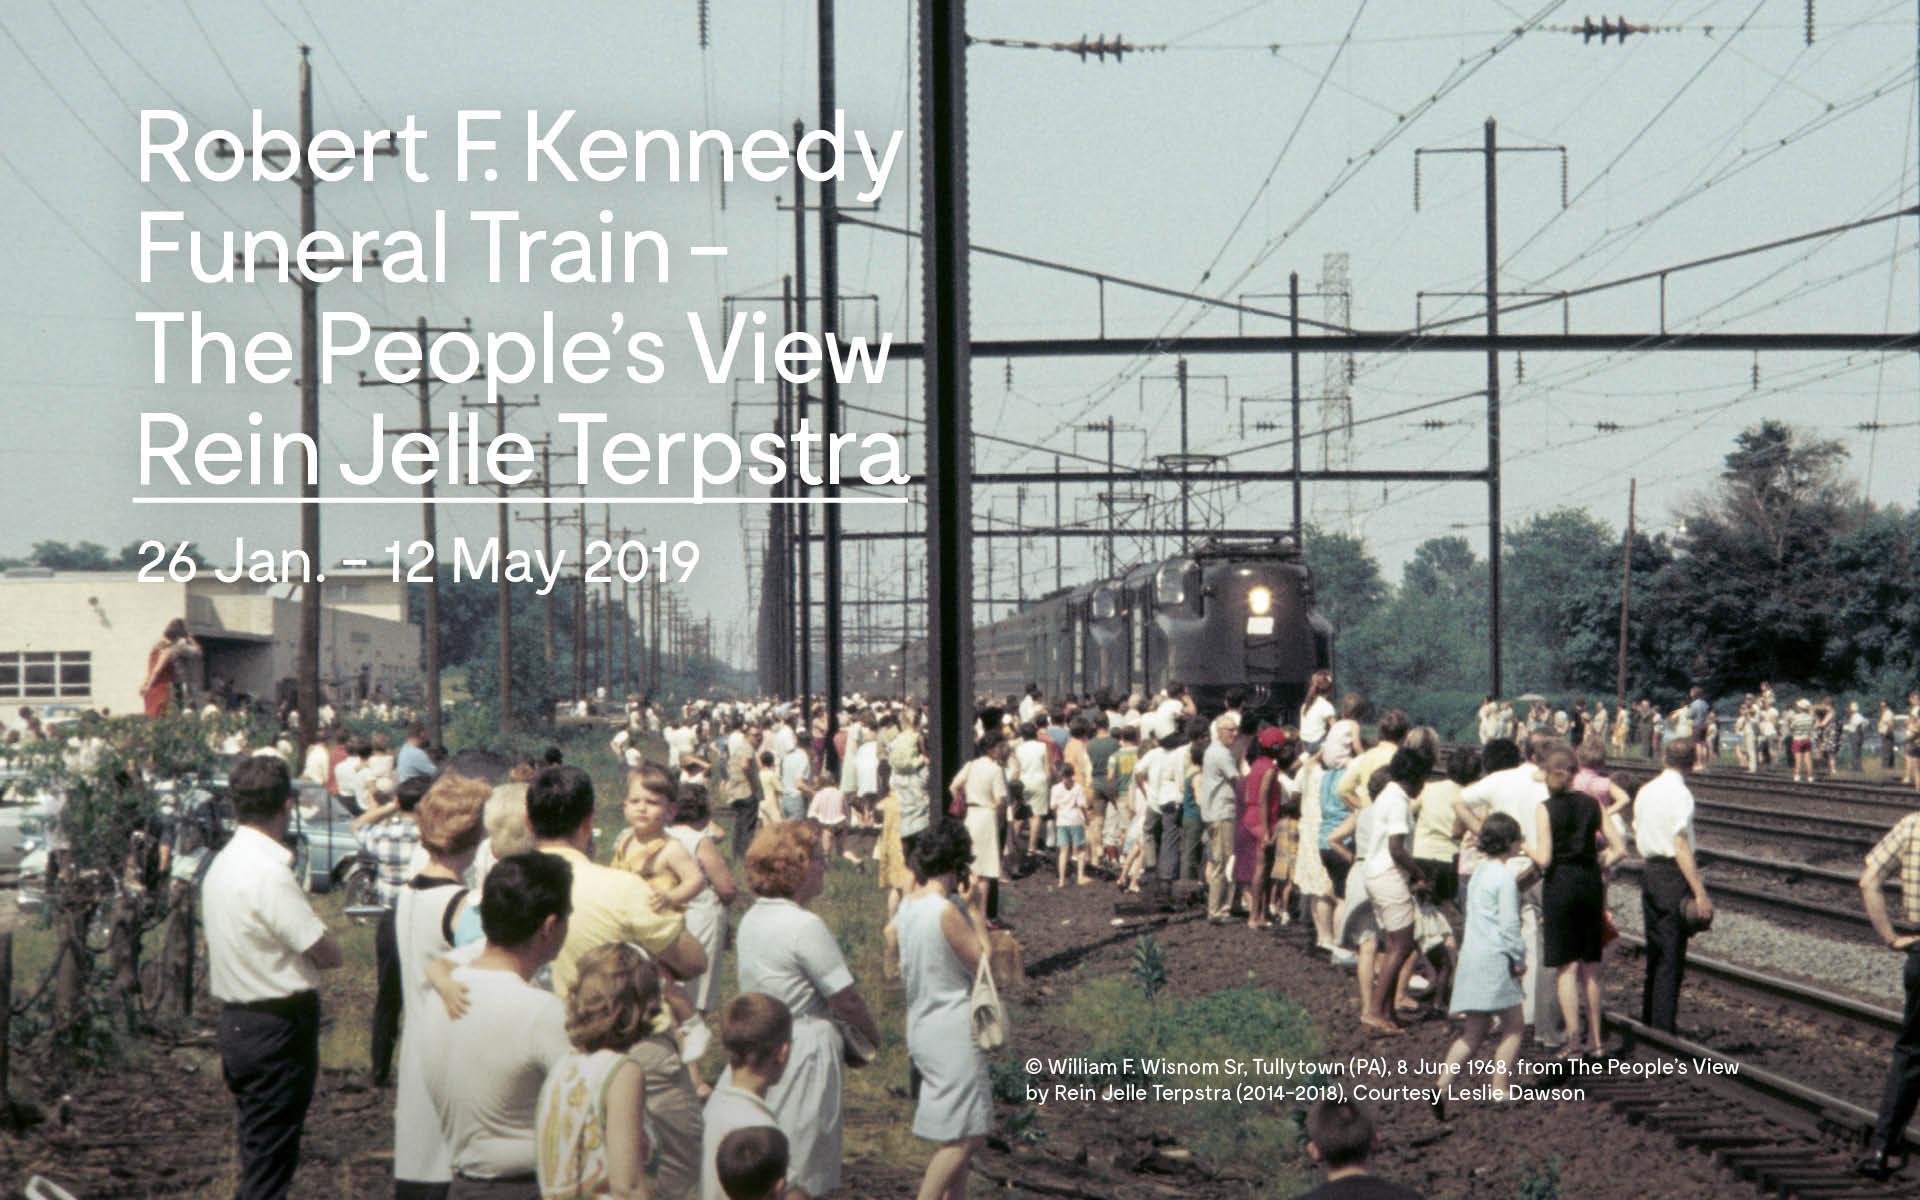 RFK-funeral-train-rein-jelle-terpstra